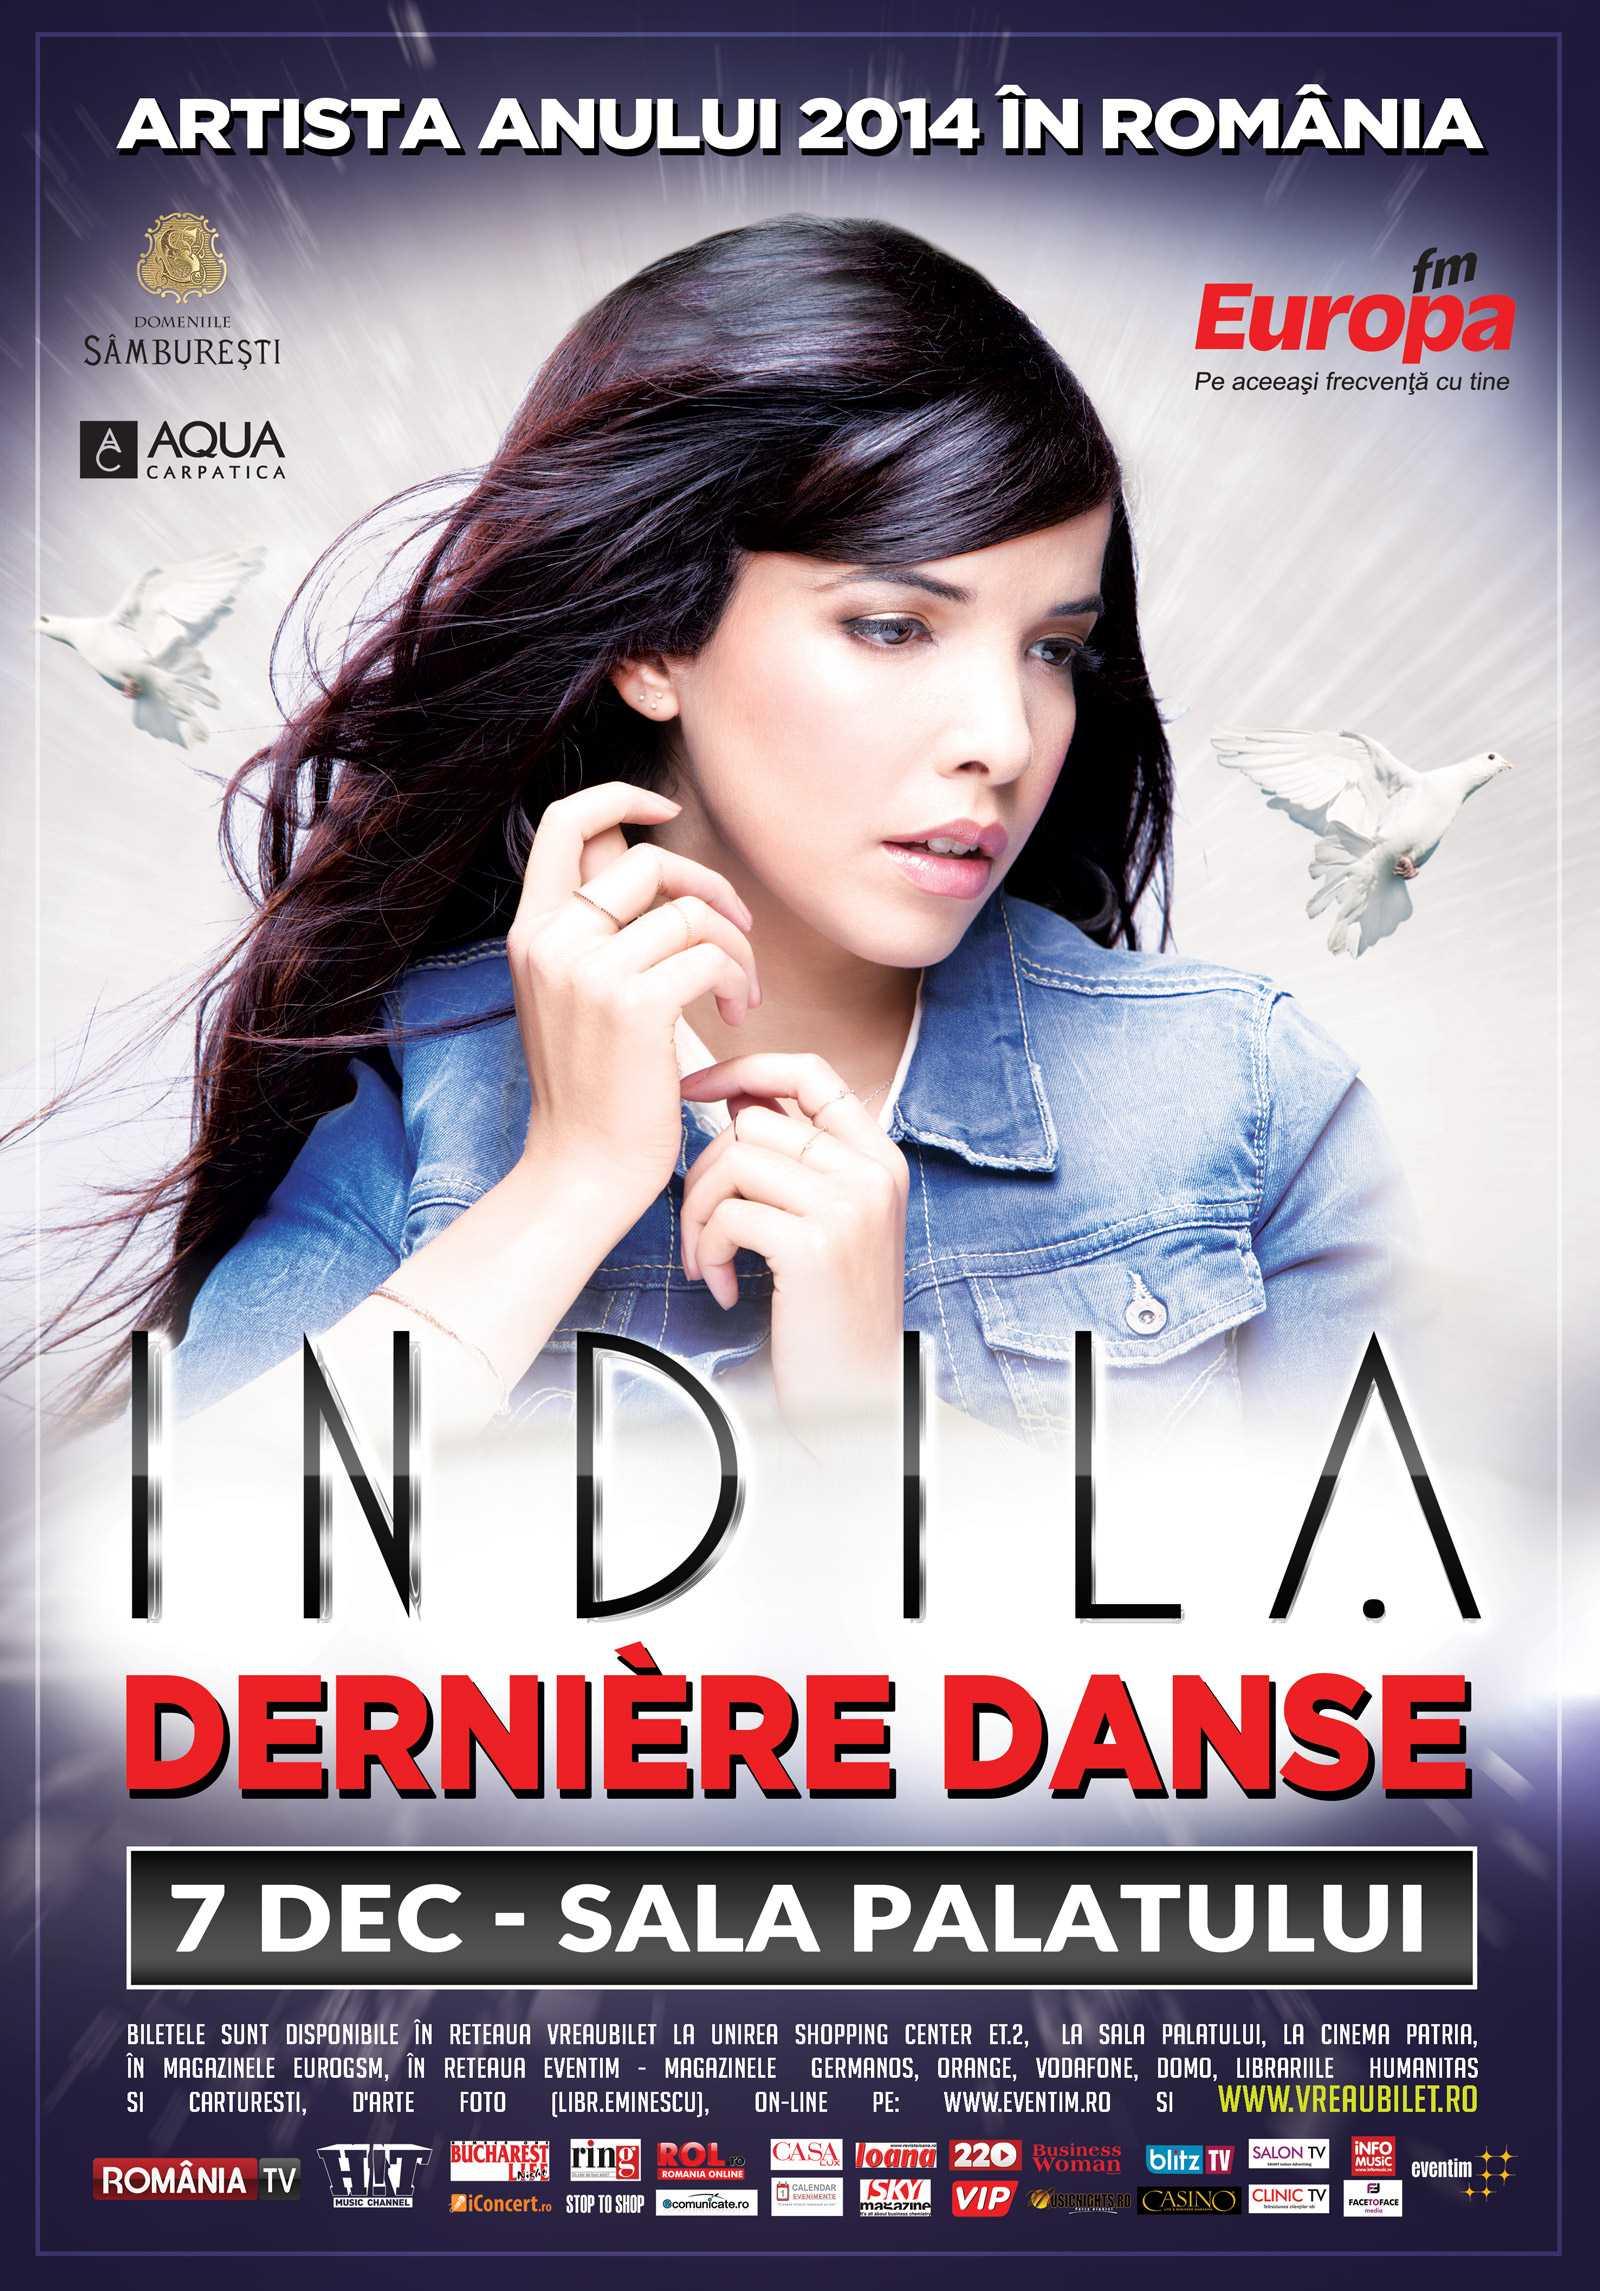 Mai multe categorii de bilete pentru concertul Indila au fost epuizate